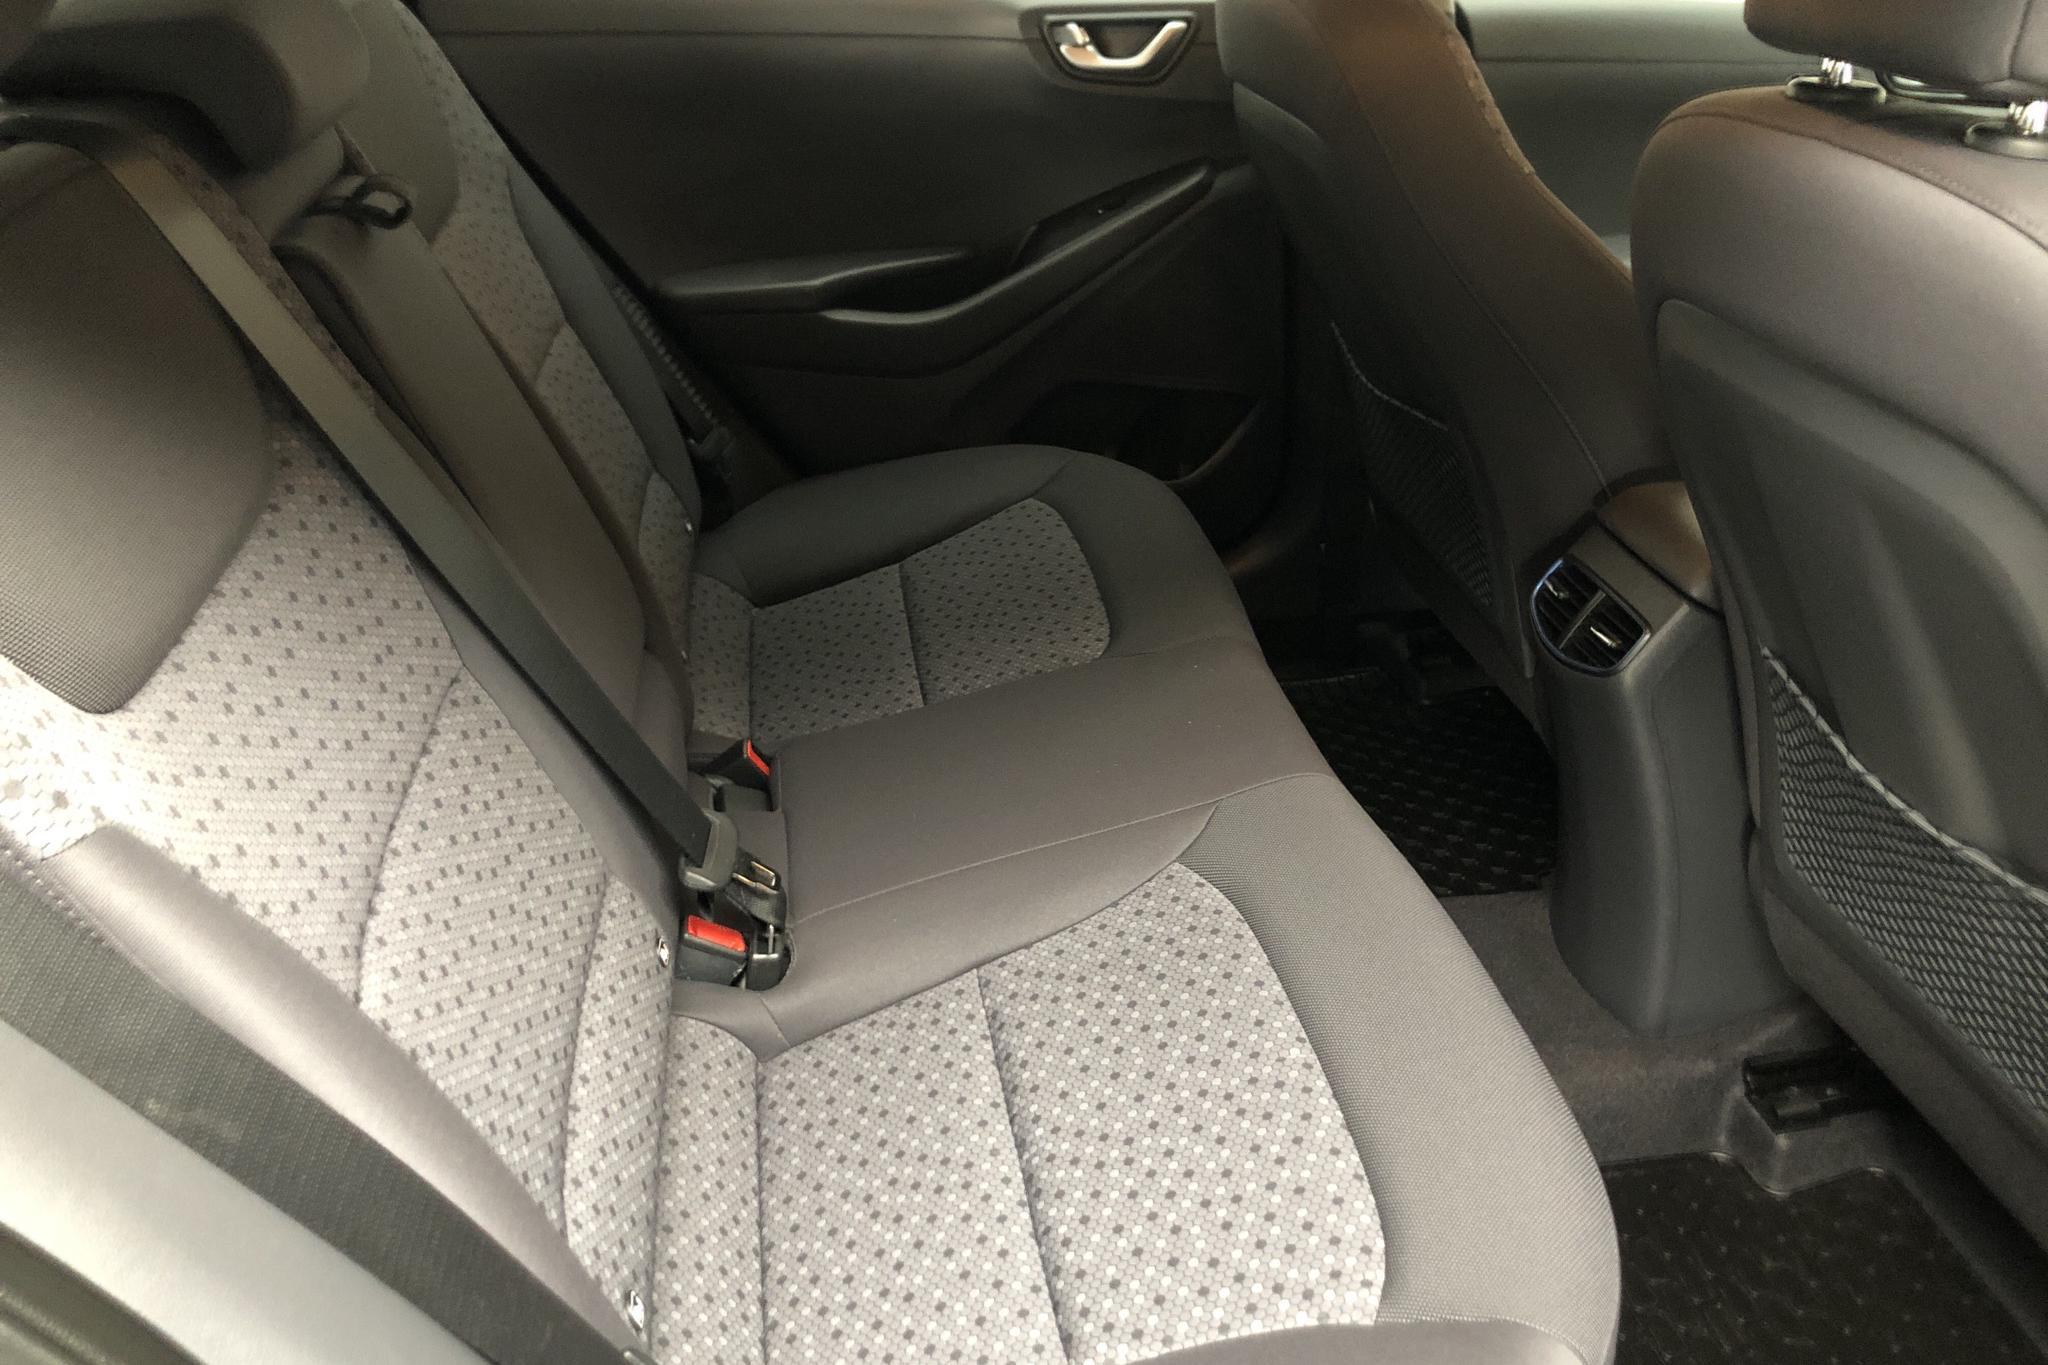 Hyundai IONIQ Plug-in (141hk) - 18 530 km - Automatic - black - 2019